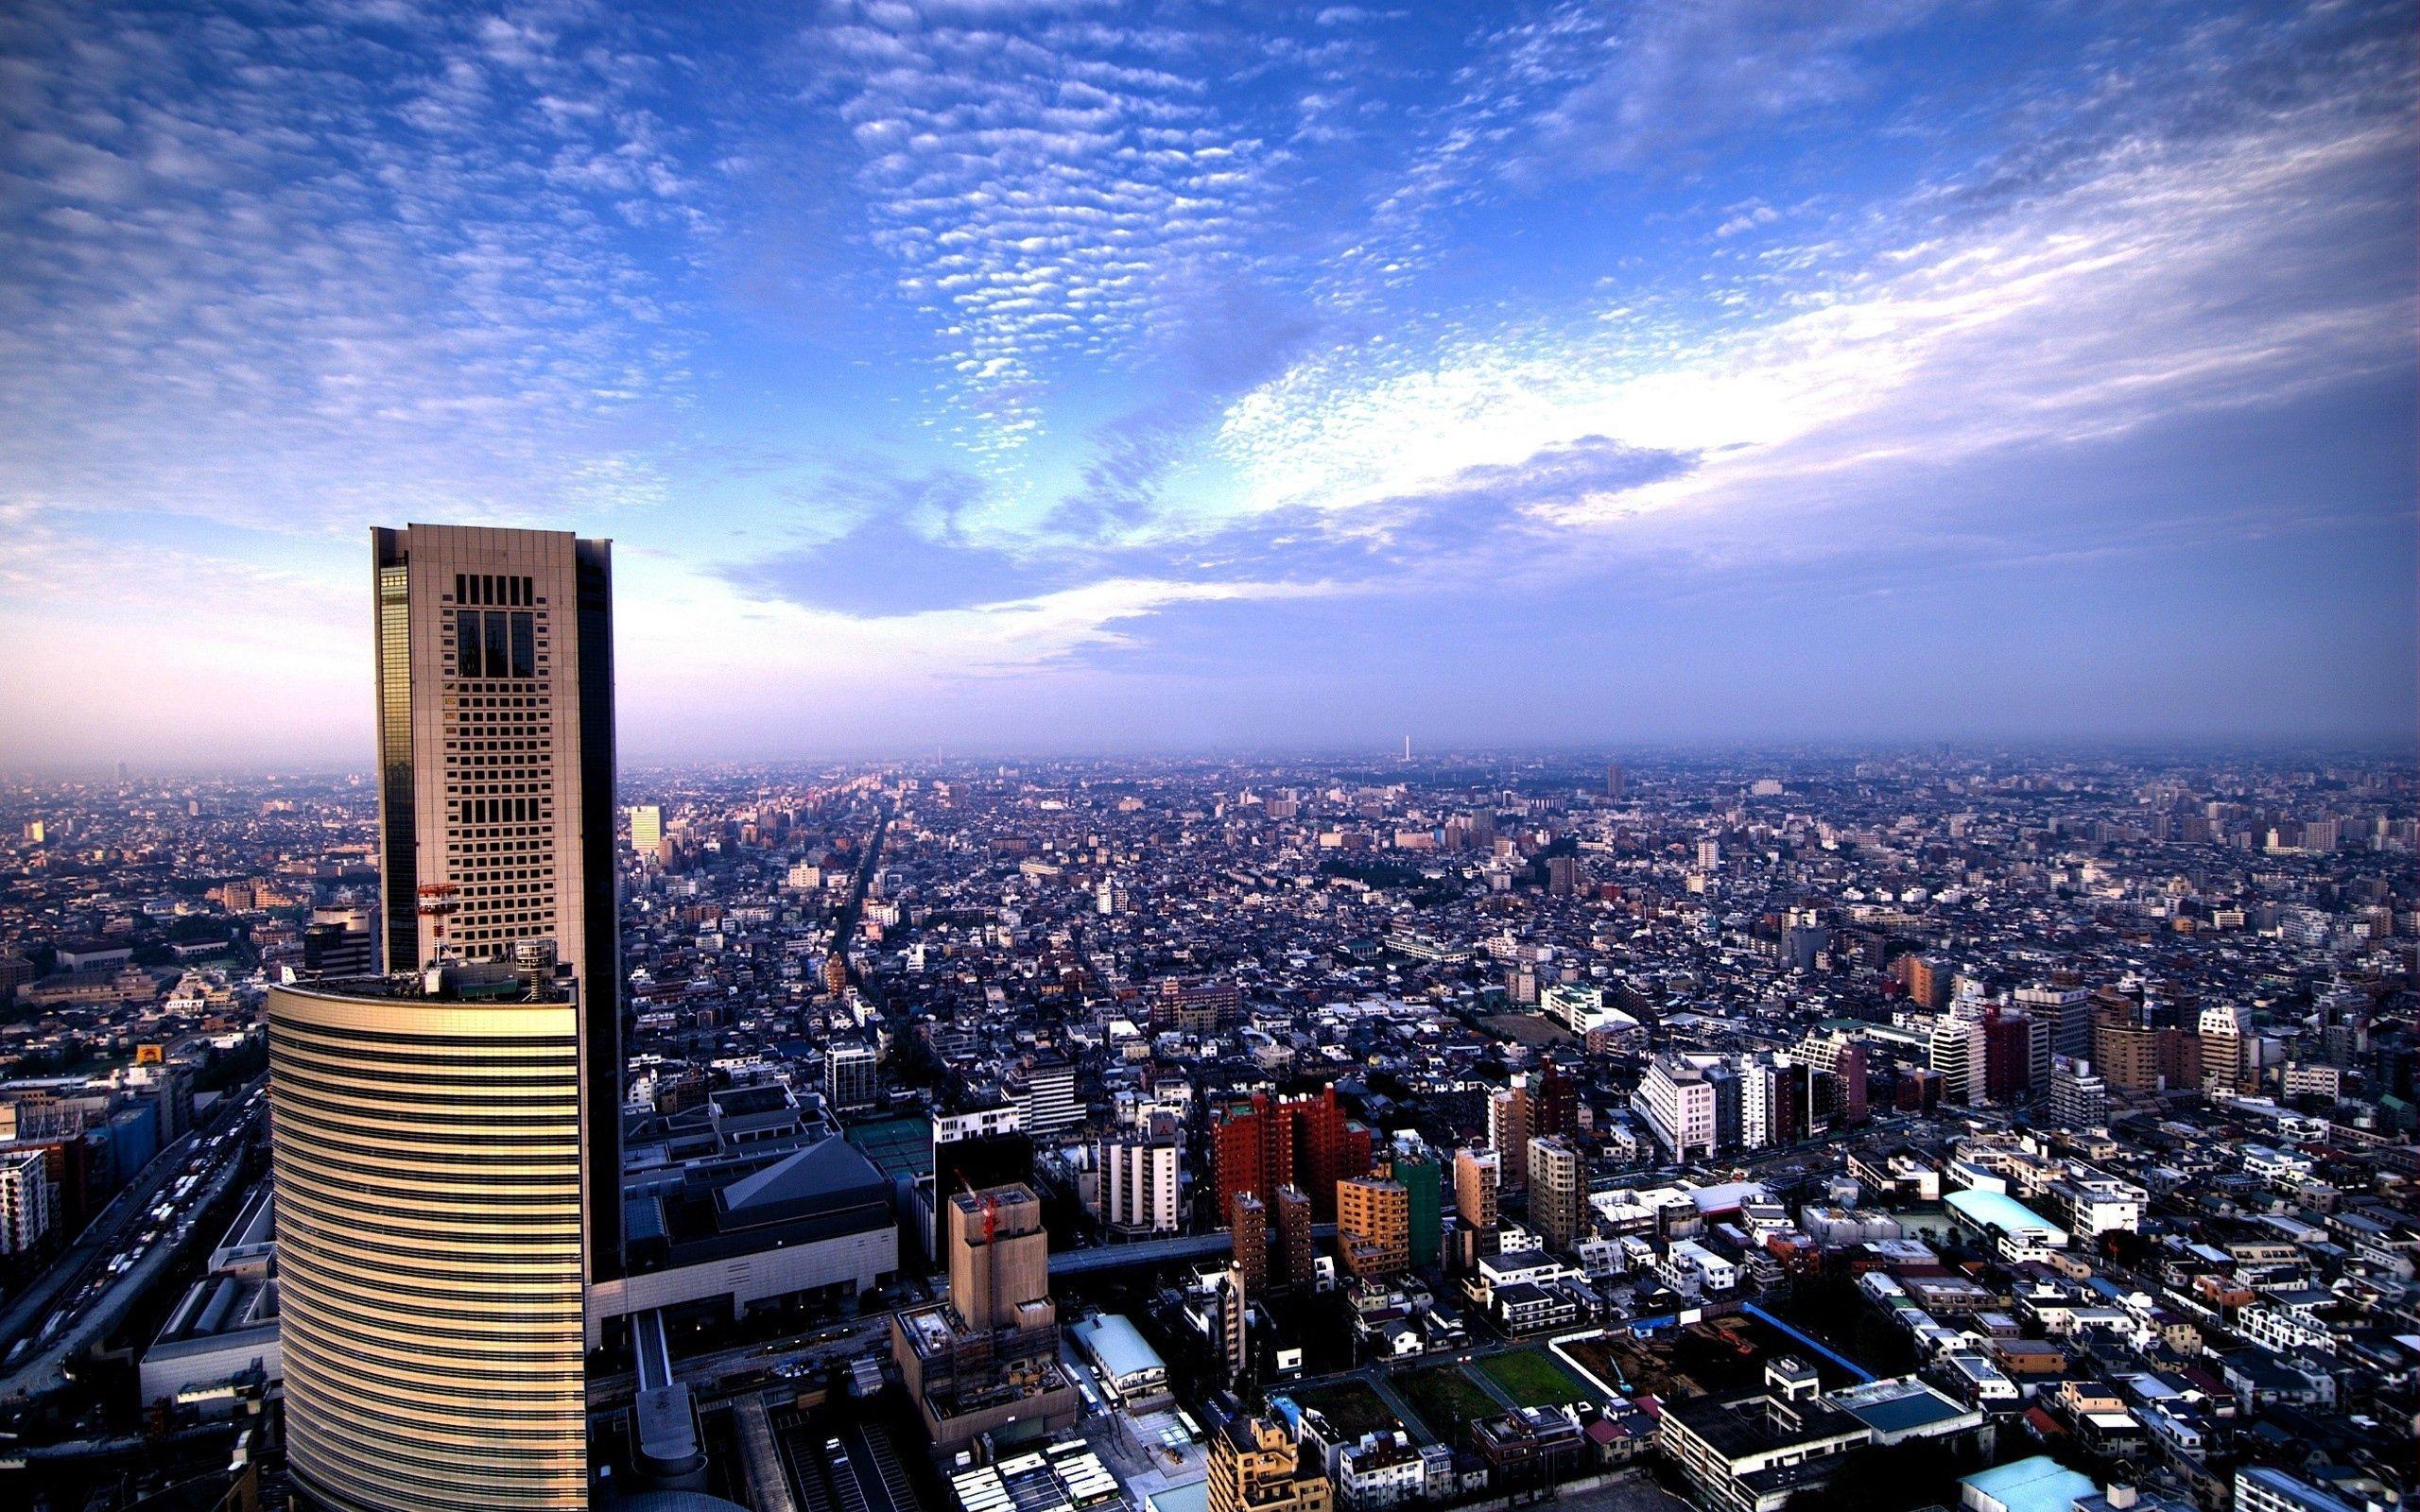 81529 fond d'écran 1440x2560 sur votre téléphone gratuitement, téléchargez des images Villes, Sky, Ville, Vue D'en-Haut, Vue D'En Haut 1440x2560 sur votre mobile